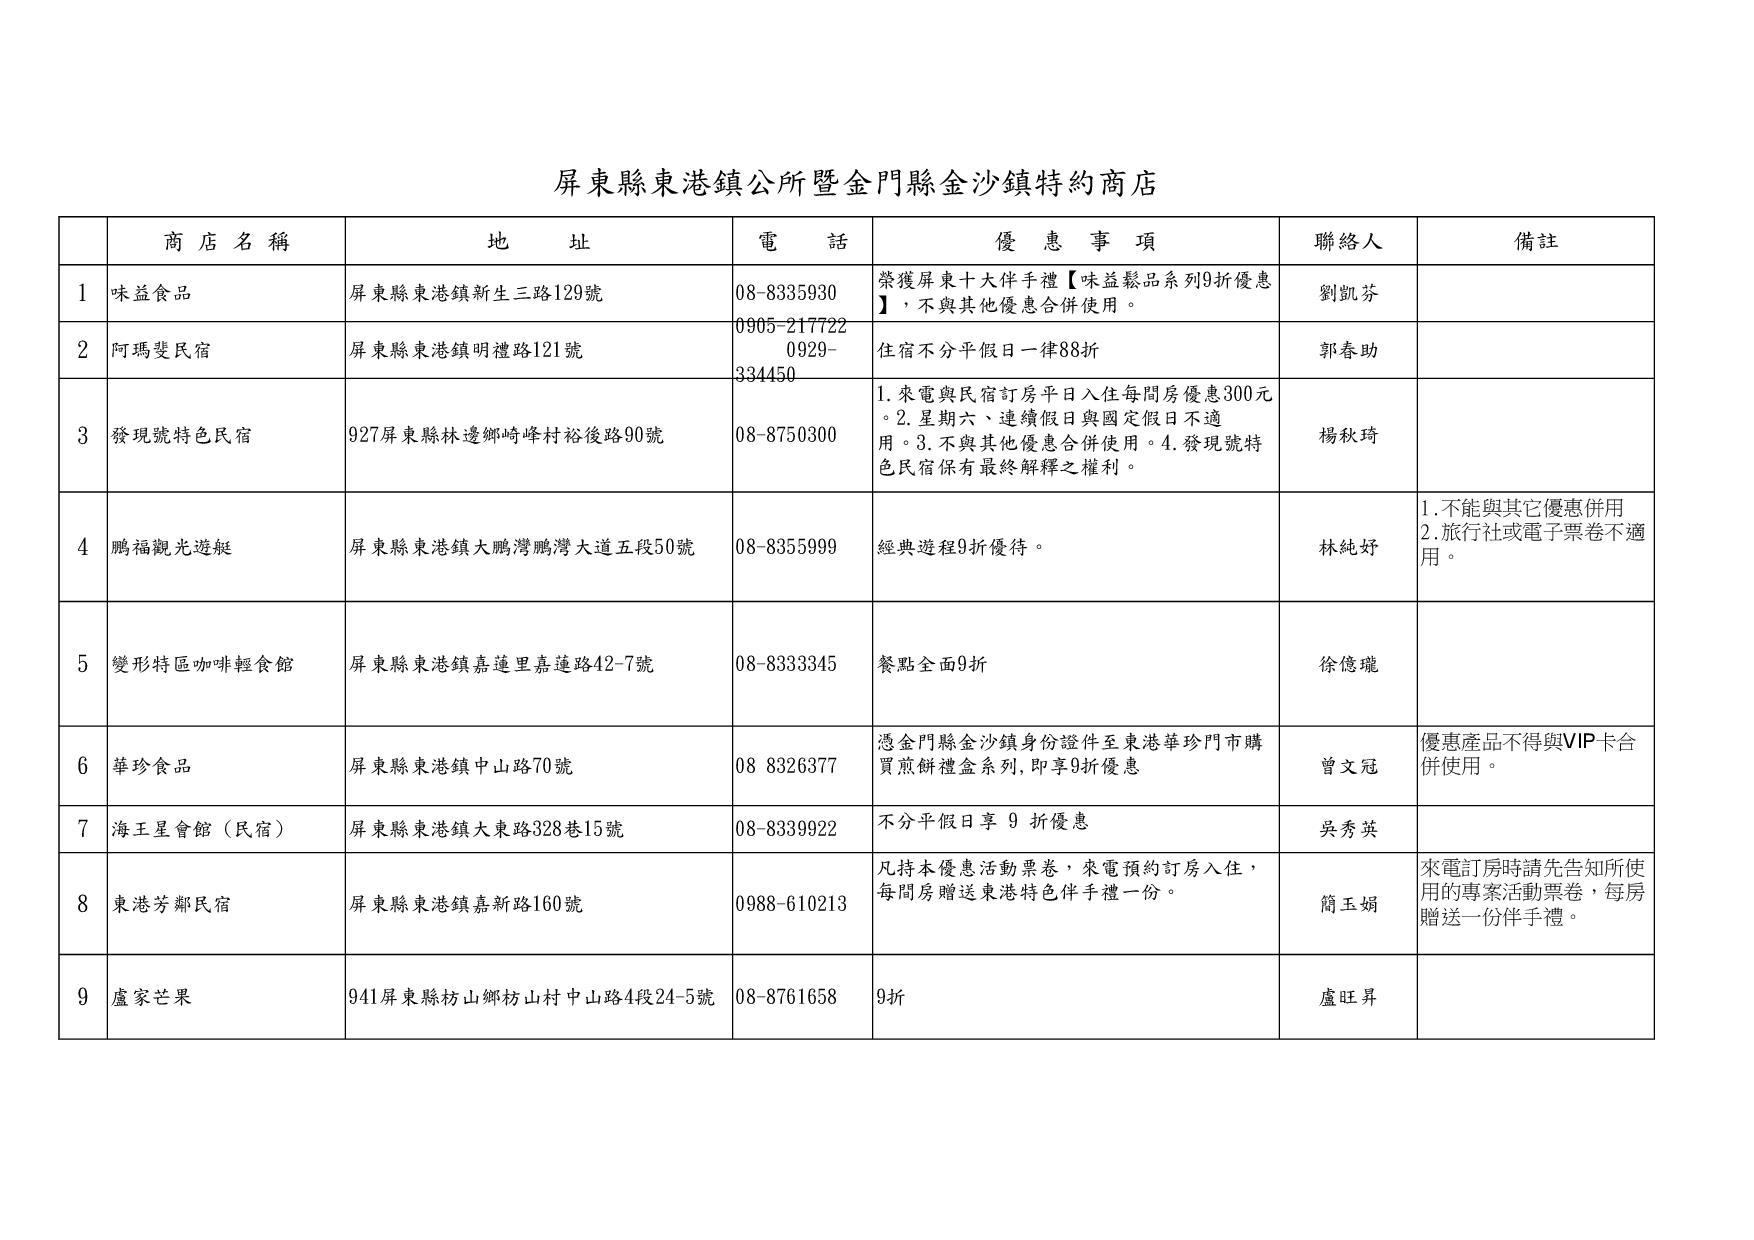 368443_東港優惠本鎮的特約商店